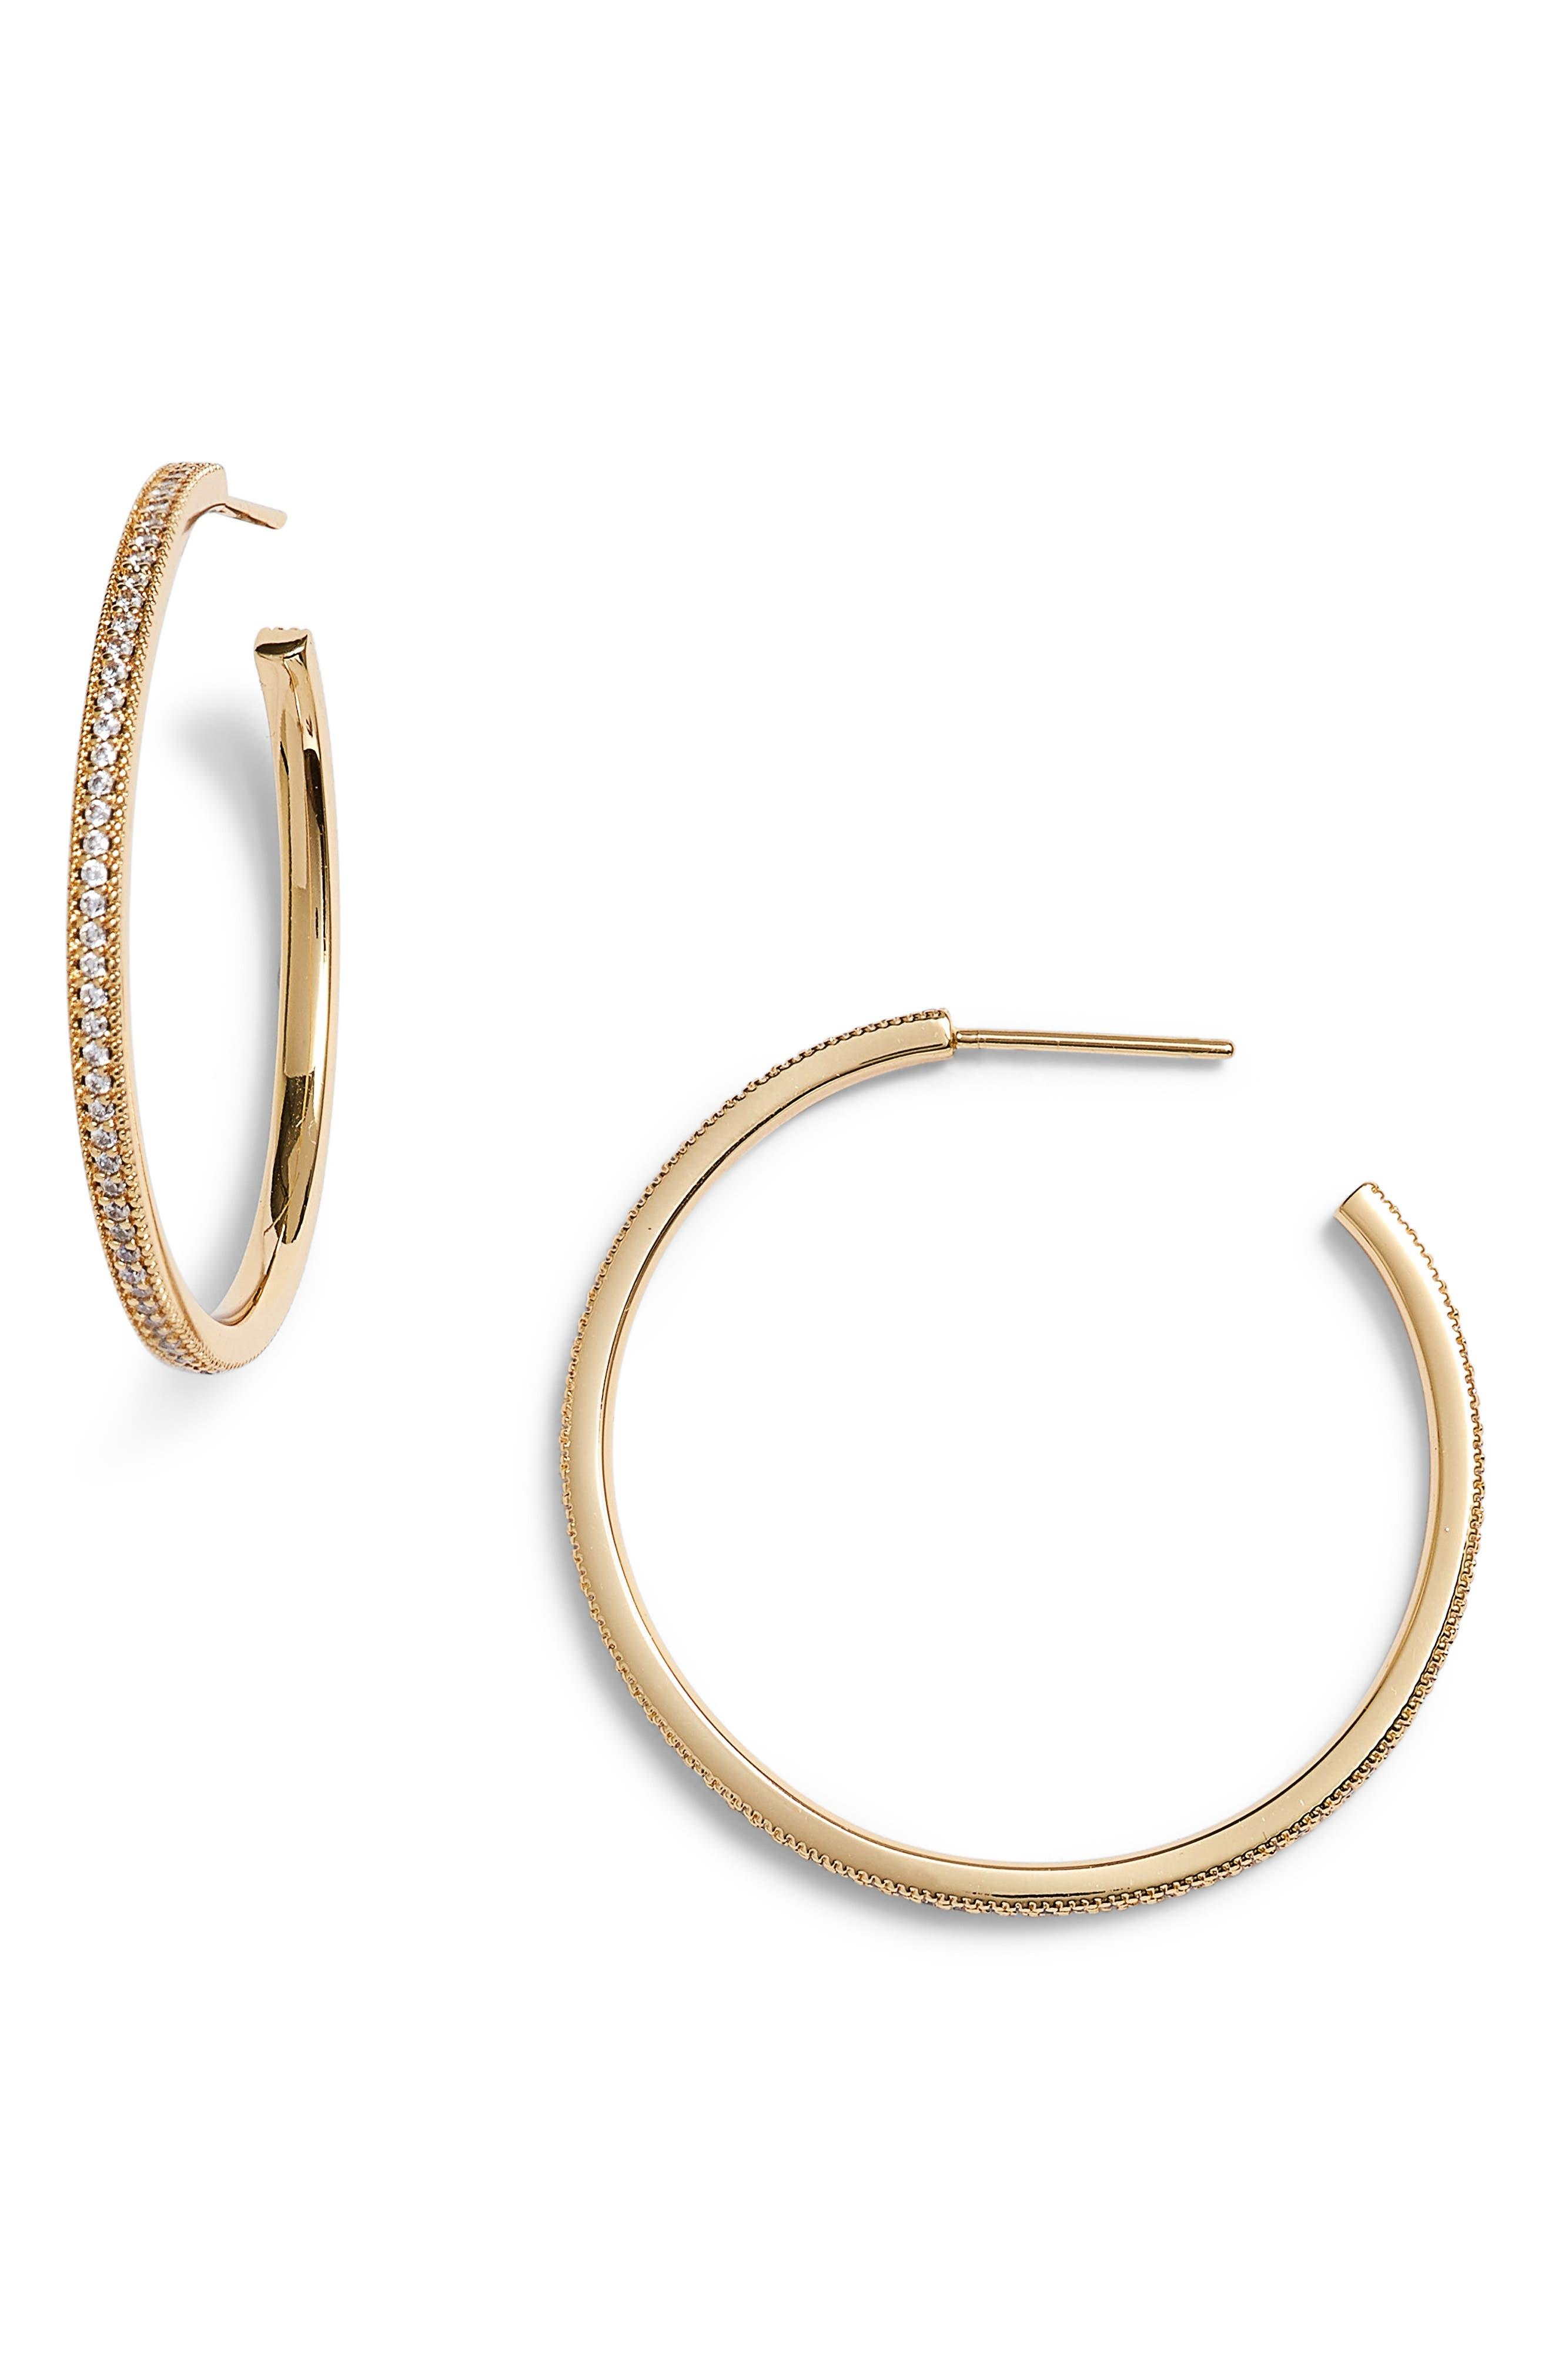 Lulu DK x We Wore What Small Hoop Earrings